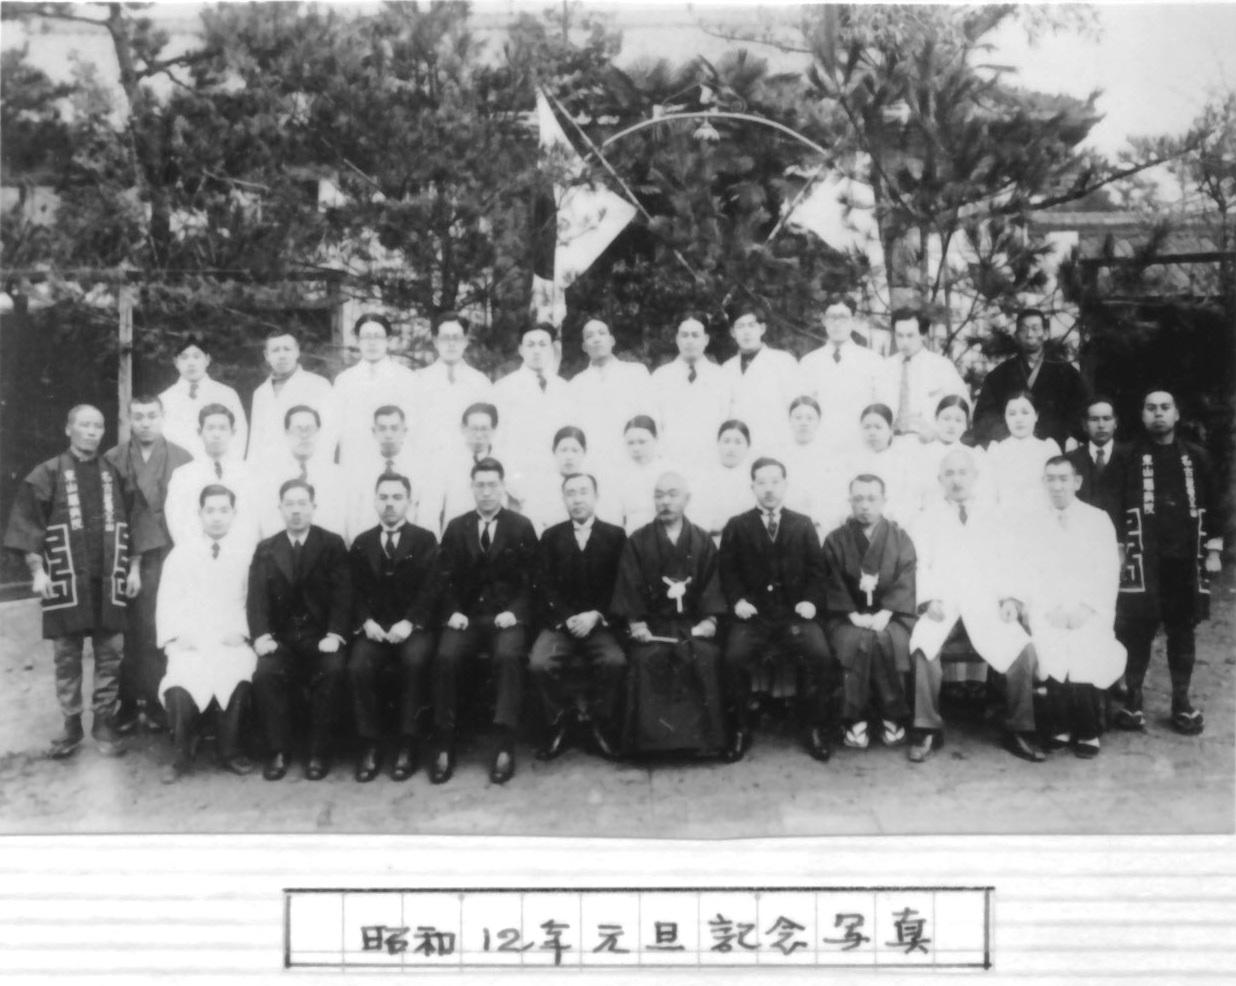 東山脳病院: 『愛知県精神病院...